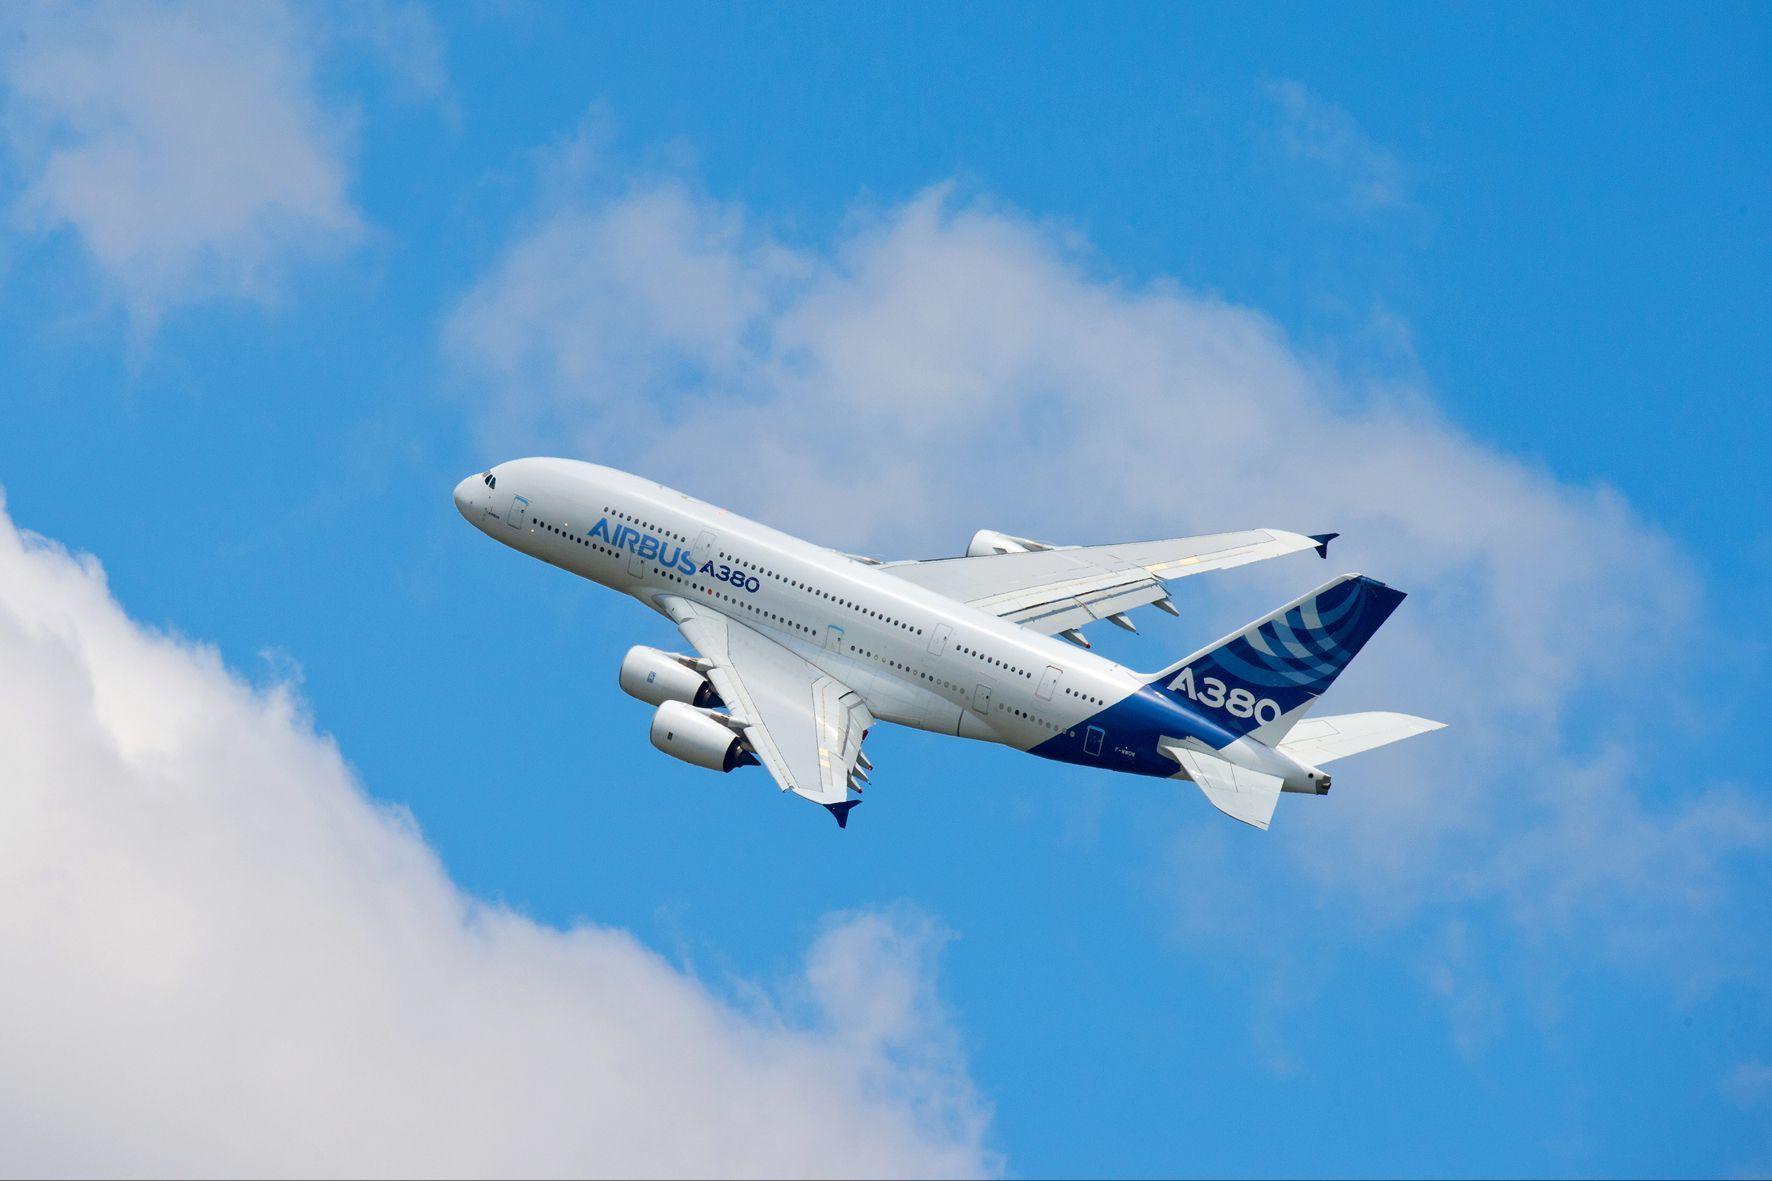 mid Groß-Gerau - Ein neuentwickeltes Notfall-System kann Piloten bei Gleitflügen in Echtzeit wichtige Entscheidungshilfen liefern.